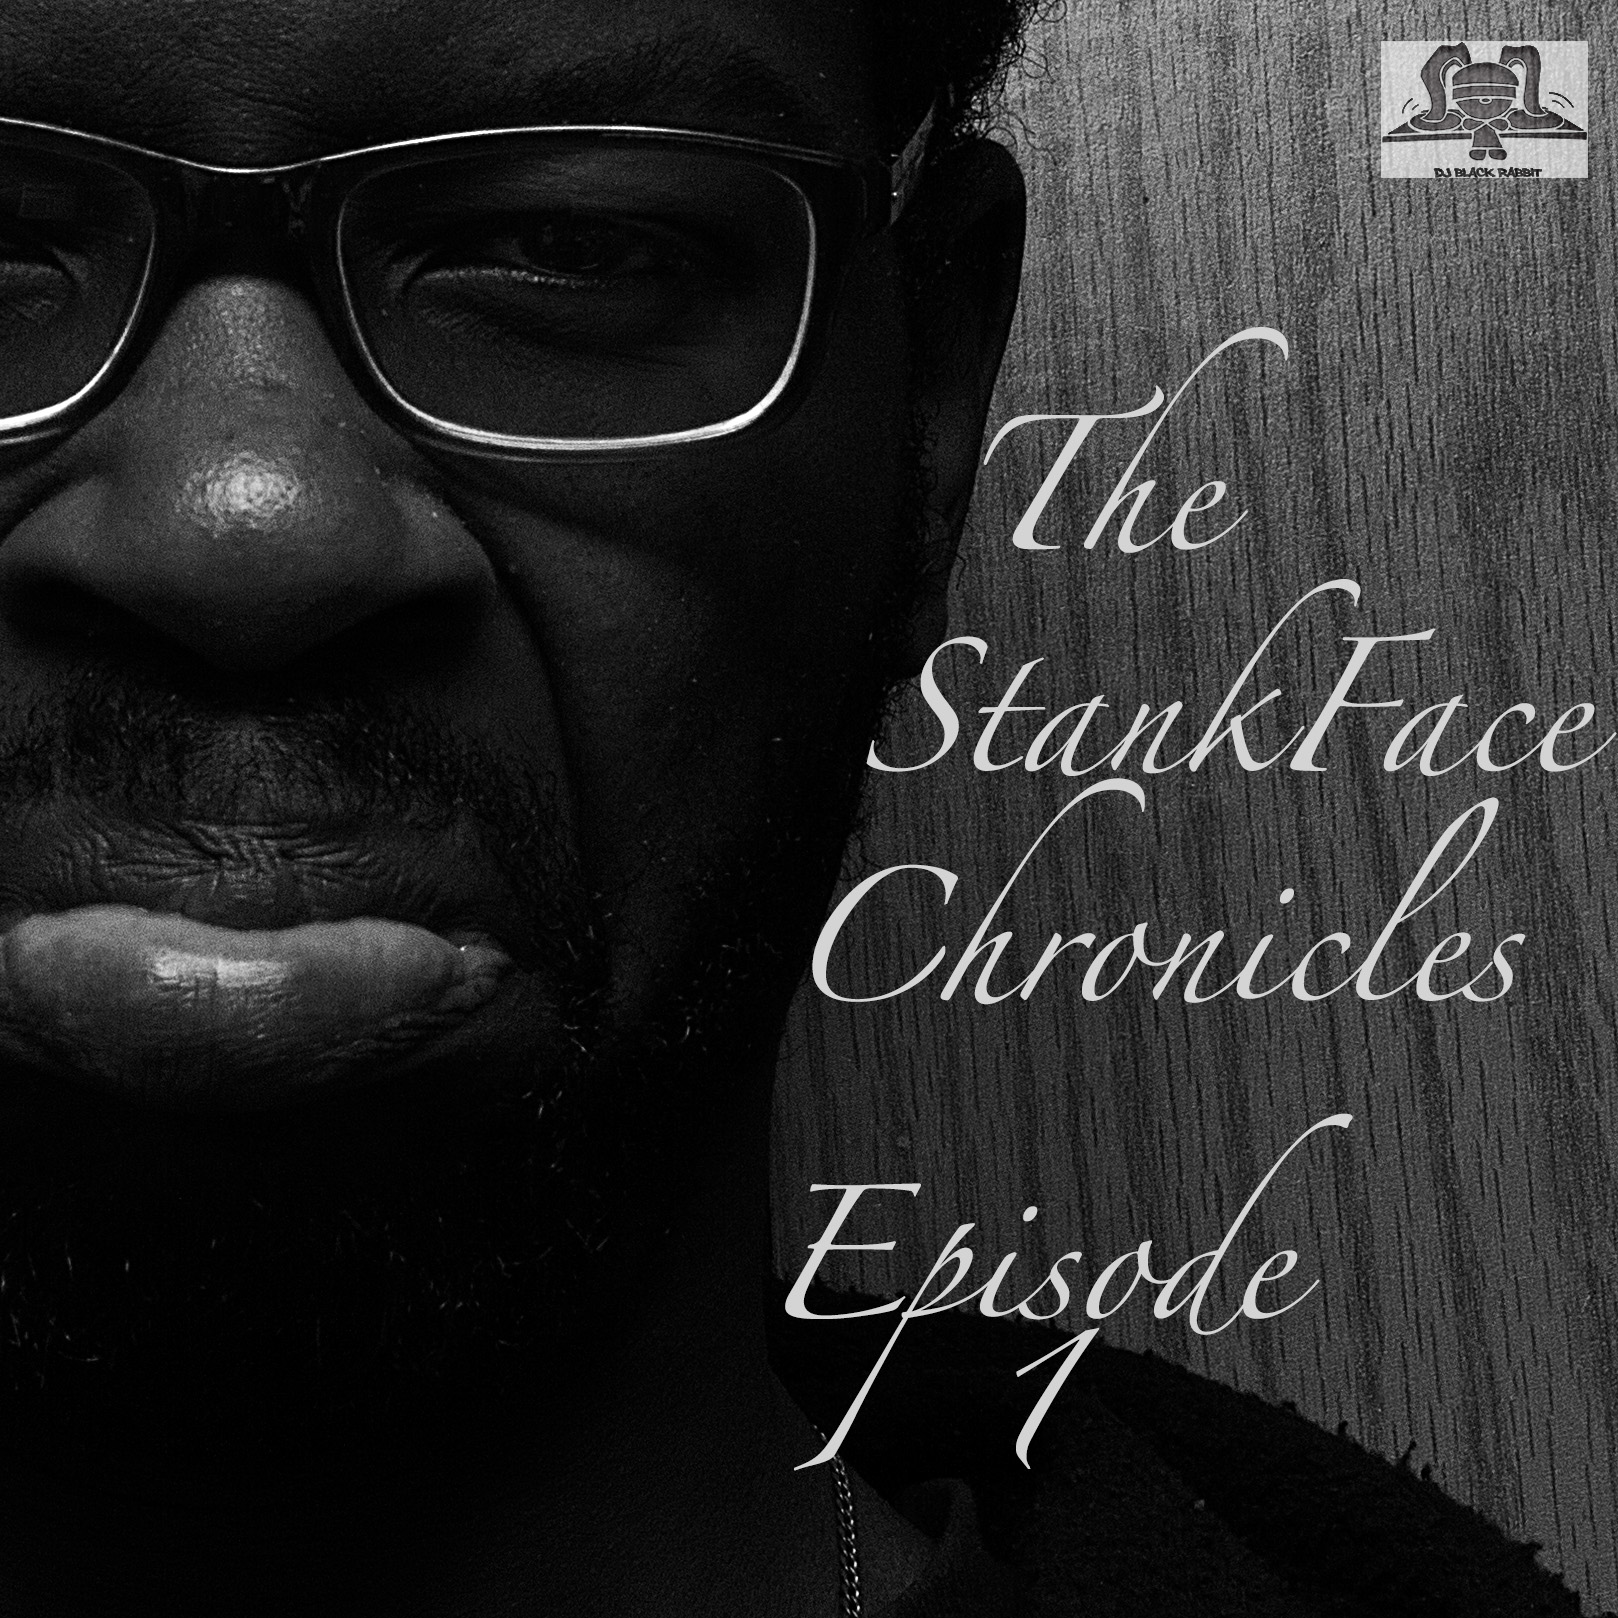 Stank Face Epi 1Pic.jpg